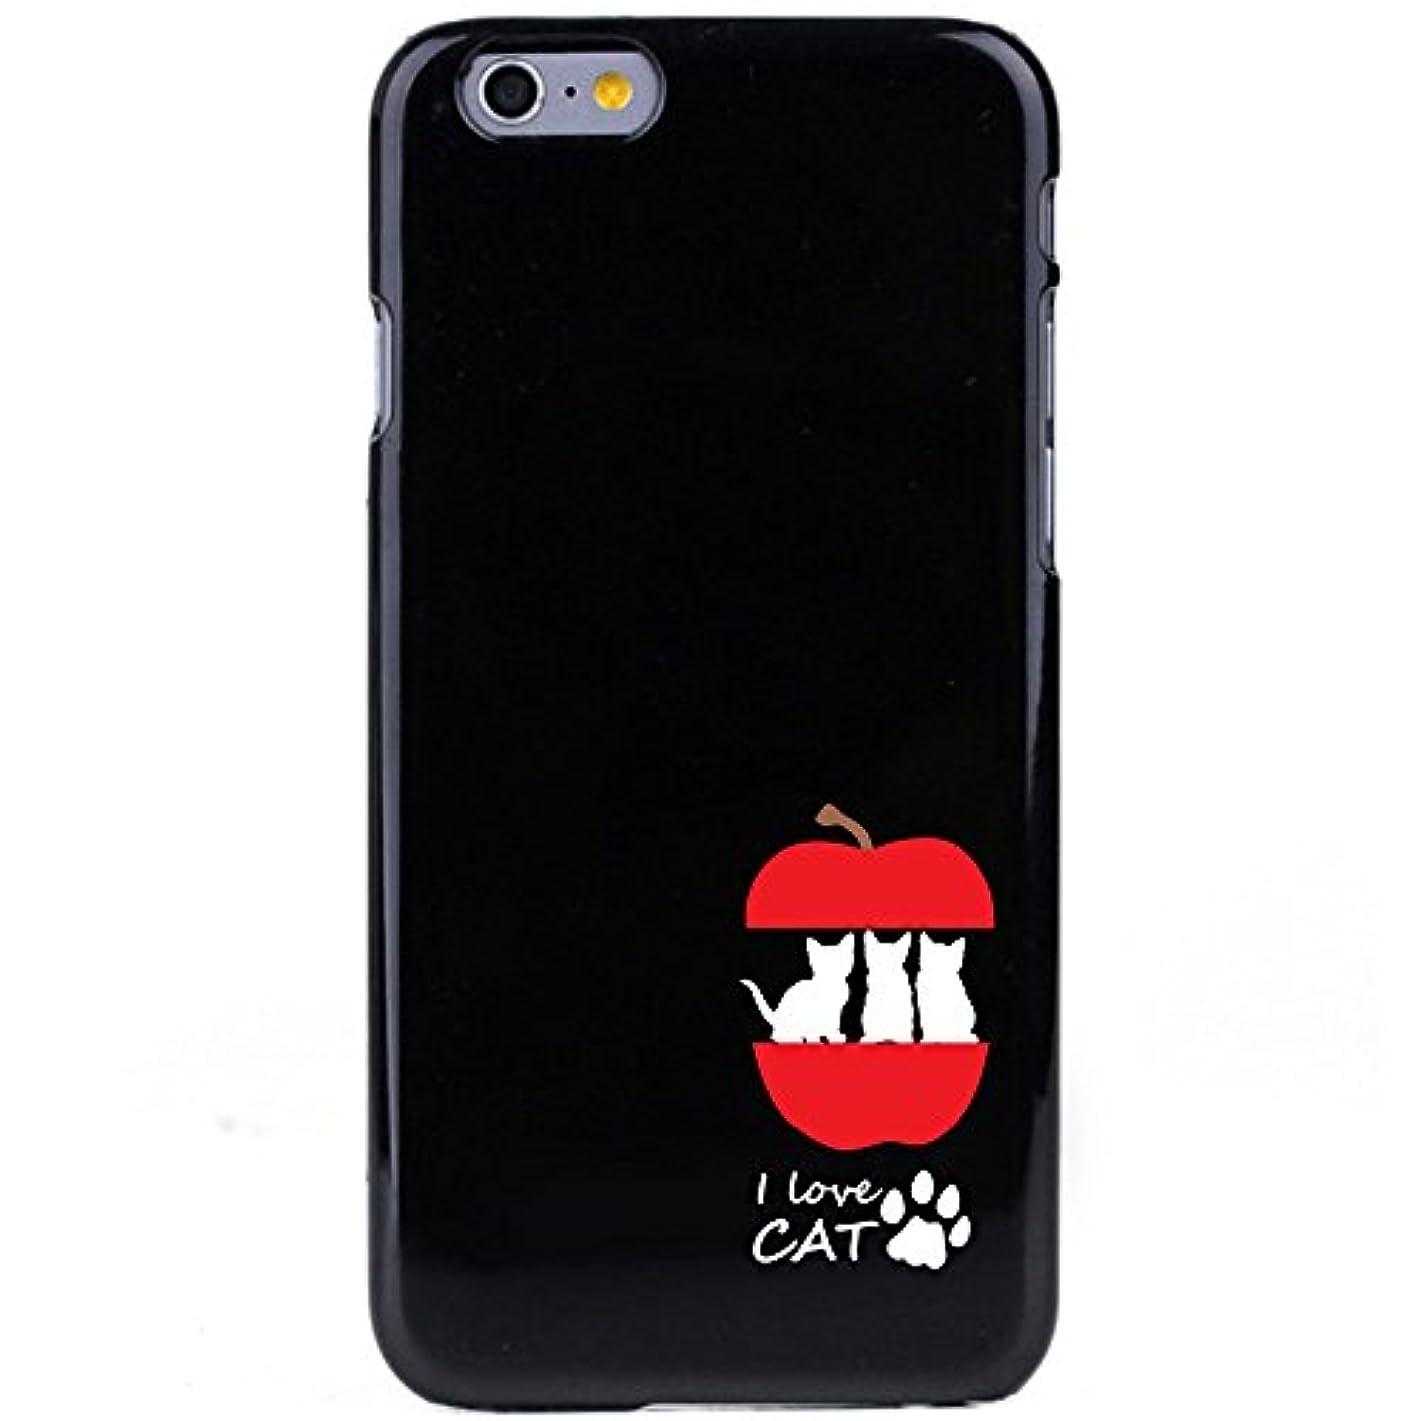 大声で口ひげ時々時々otas 4.7インチ対応(iPhone6s/6) カバー ハードケース ポリカーボネイト ブラックベース ねことりんご 888-36288